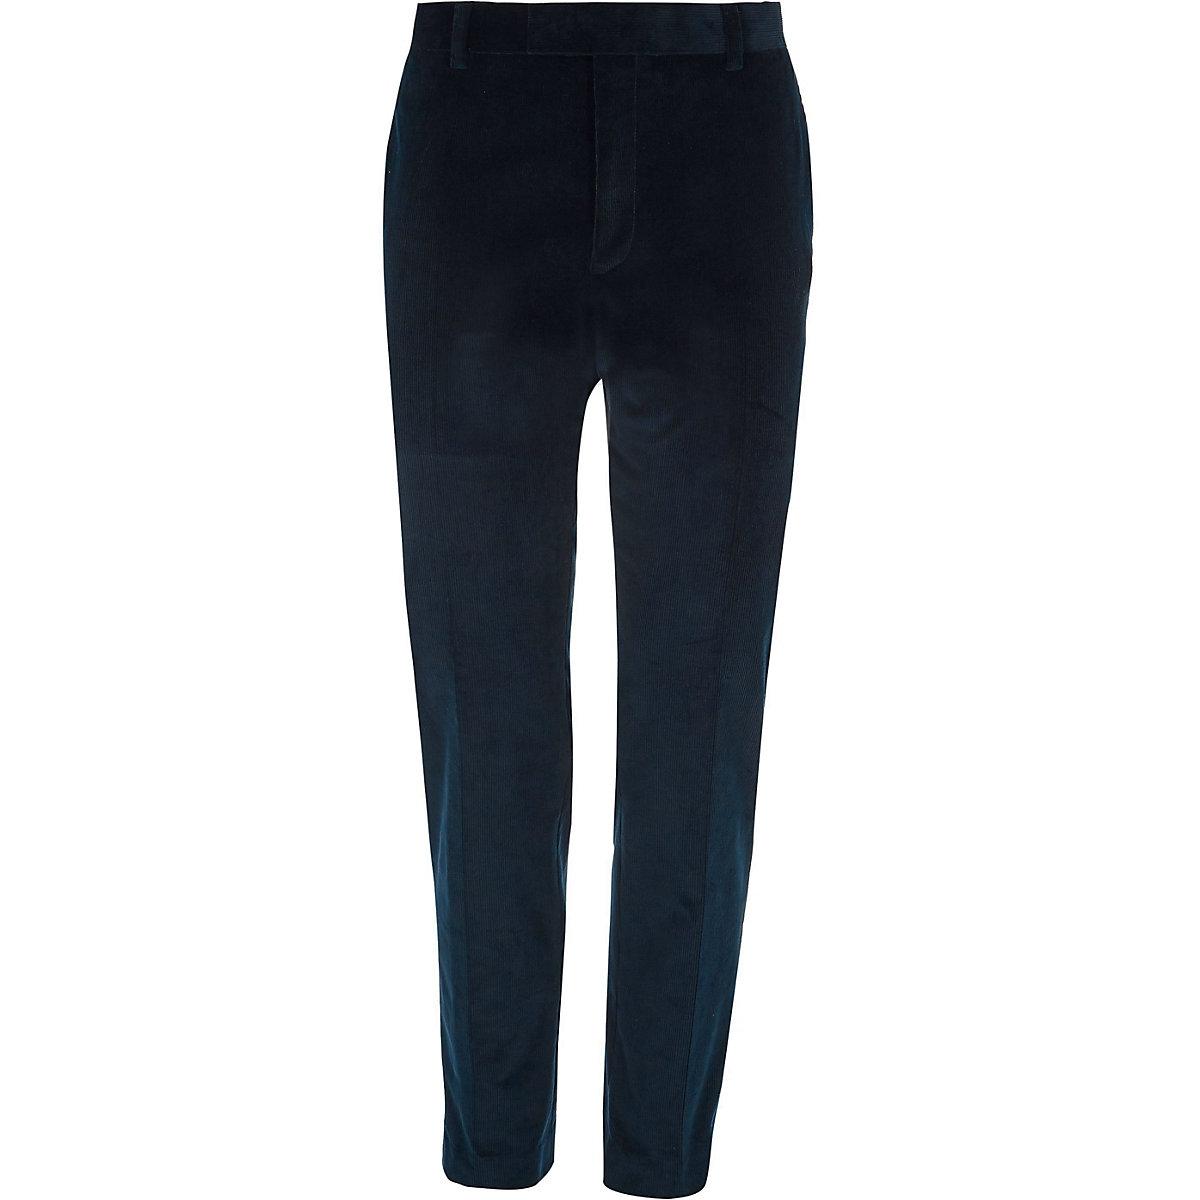 Teal blue corduroy skinny fit suit pants